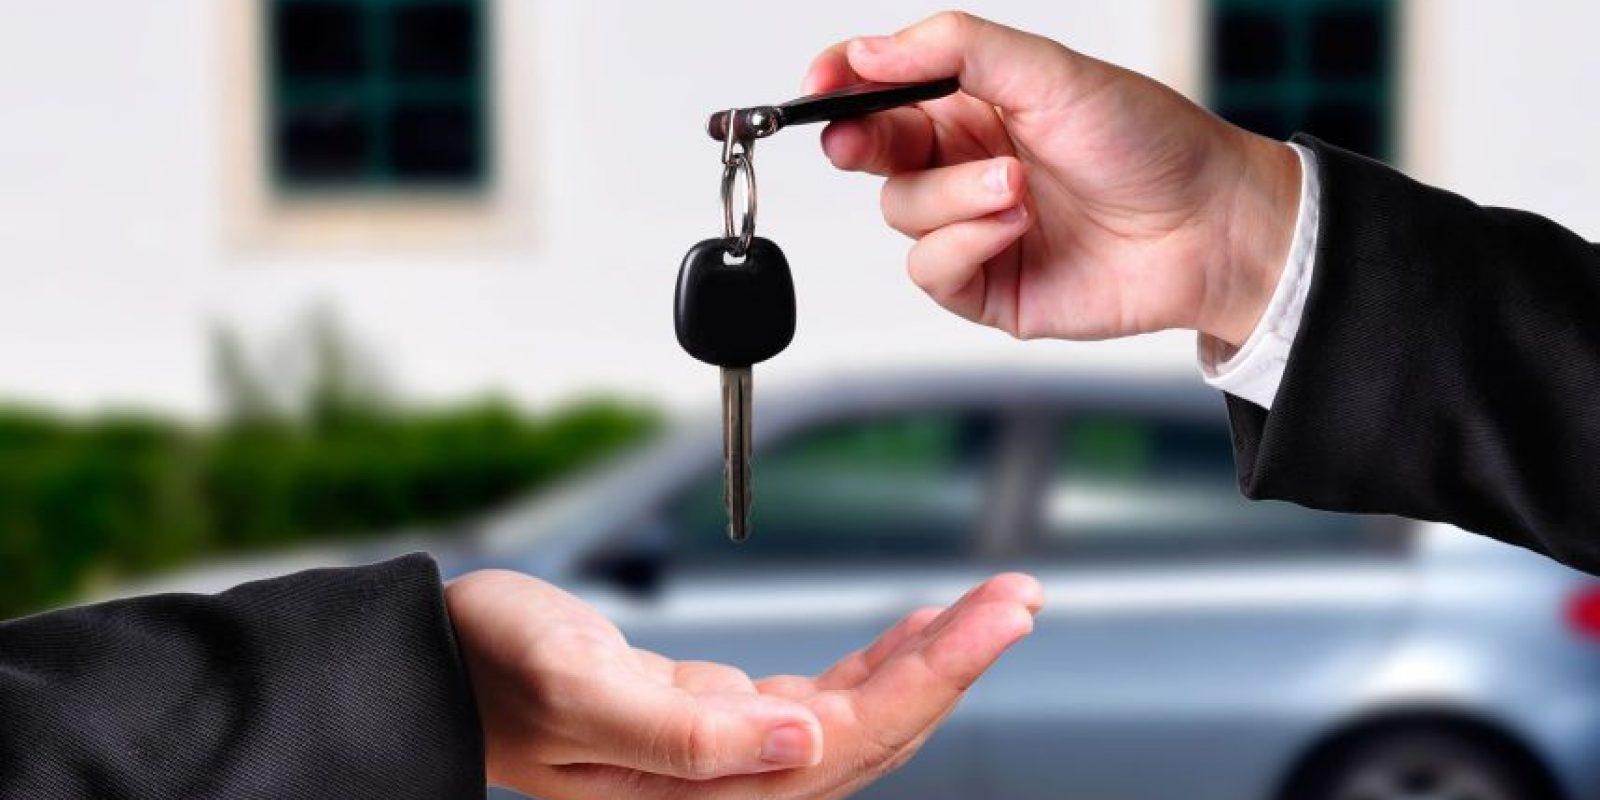 El consumo y los costos de mantenimiento son algunos de los elementos determinantes que debes evaluar antes de comprarte un vehículo.